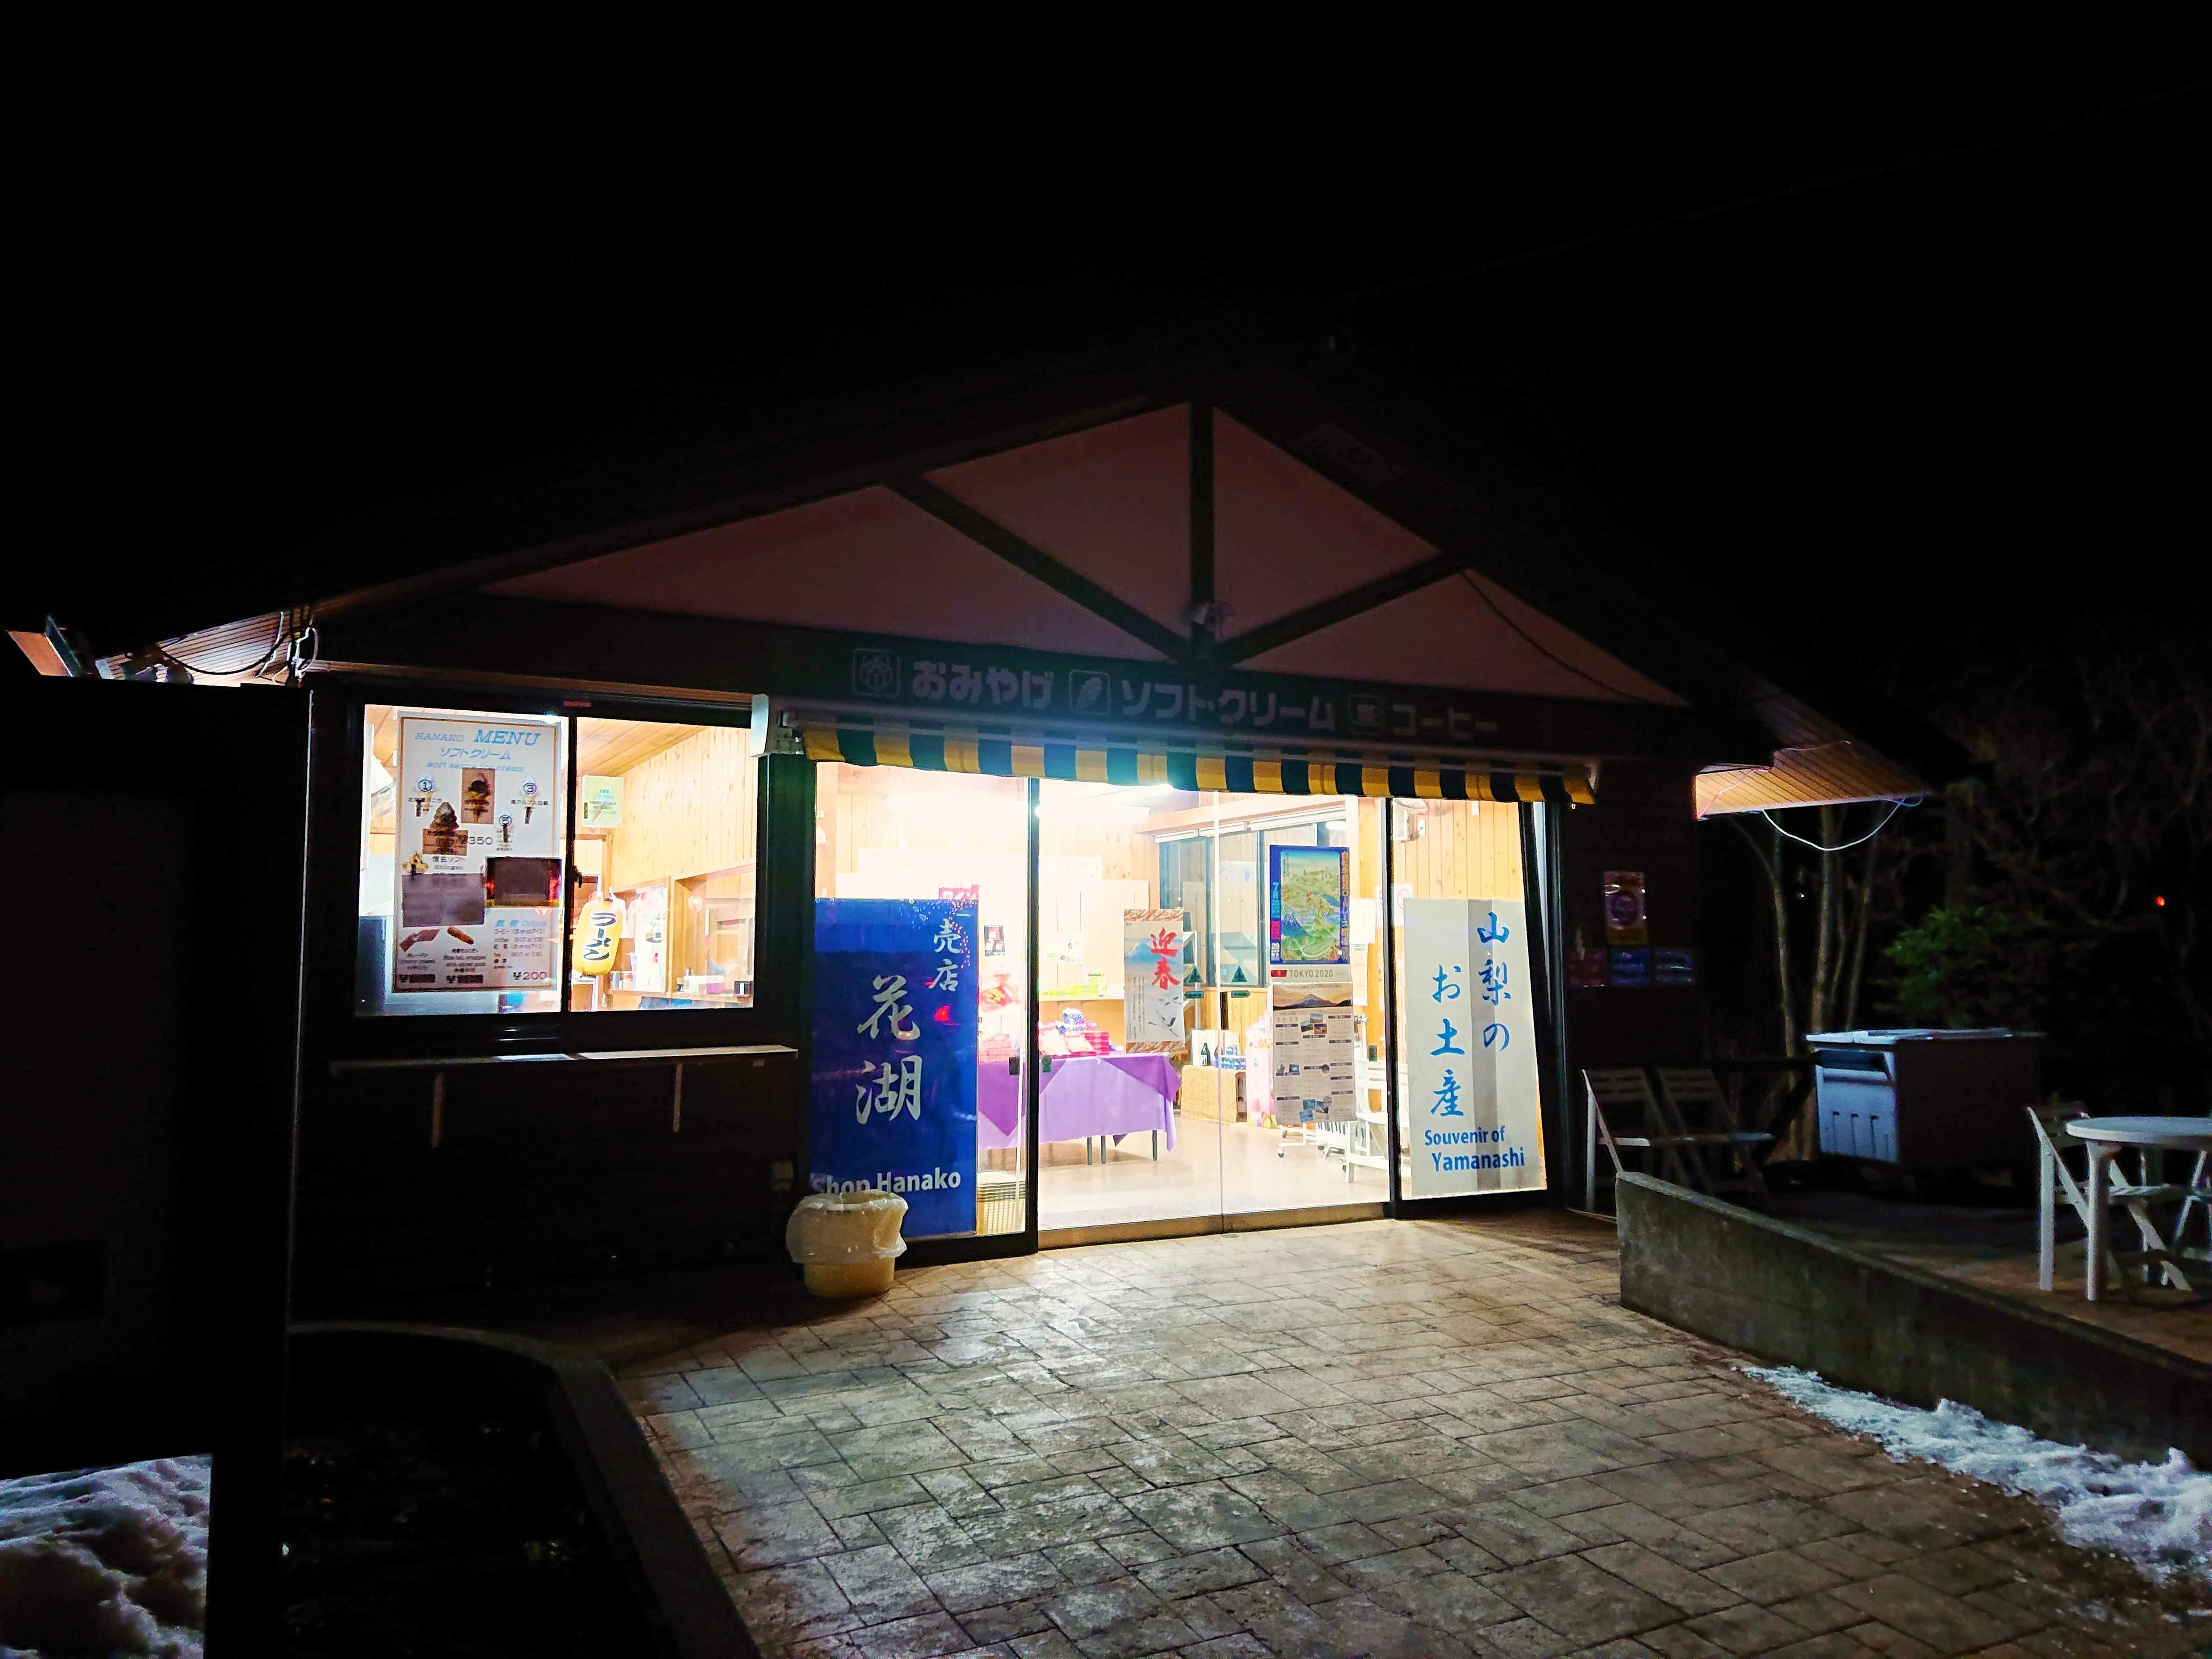 売店花湖の外観